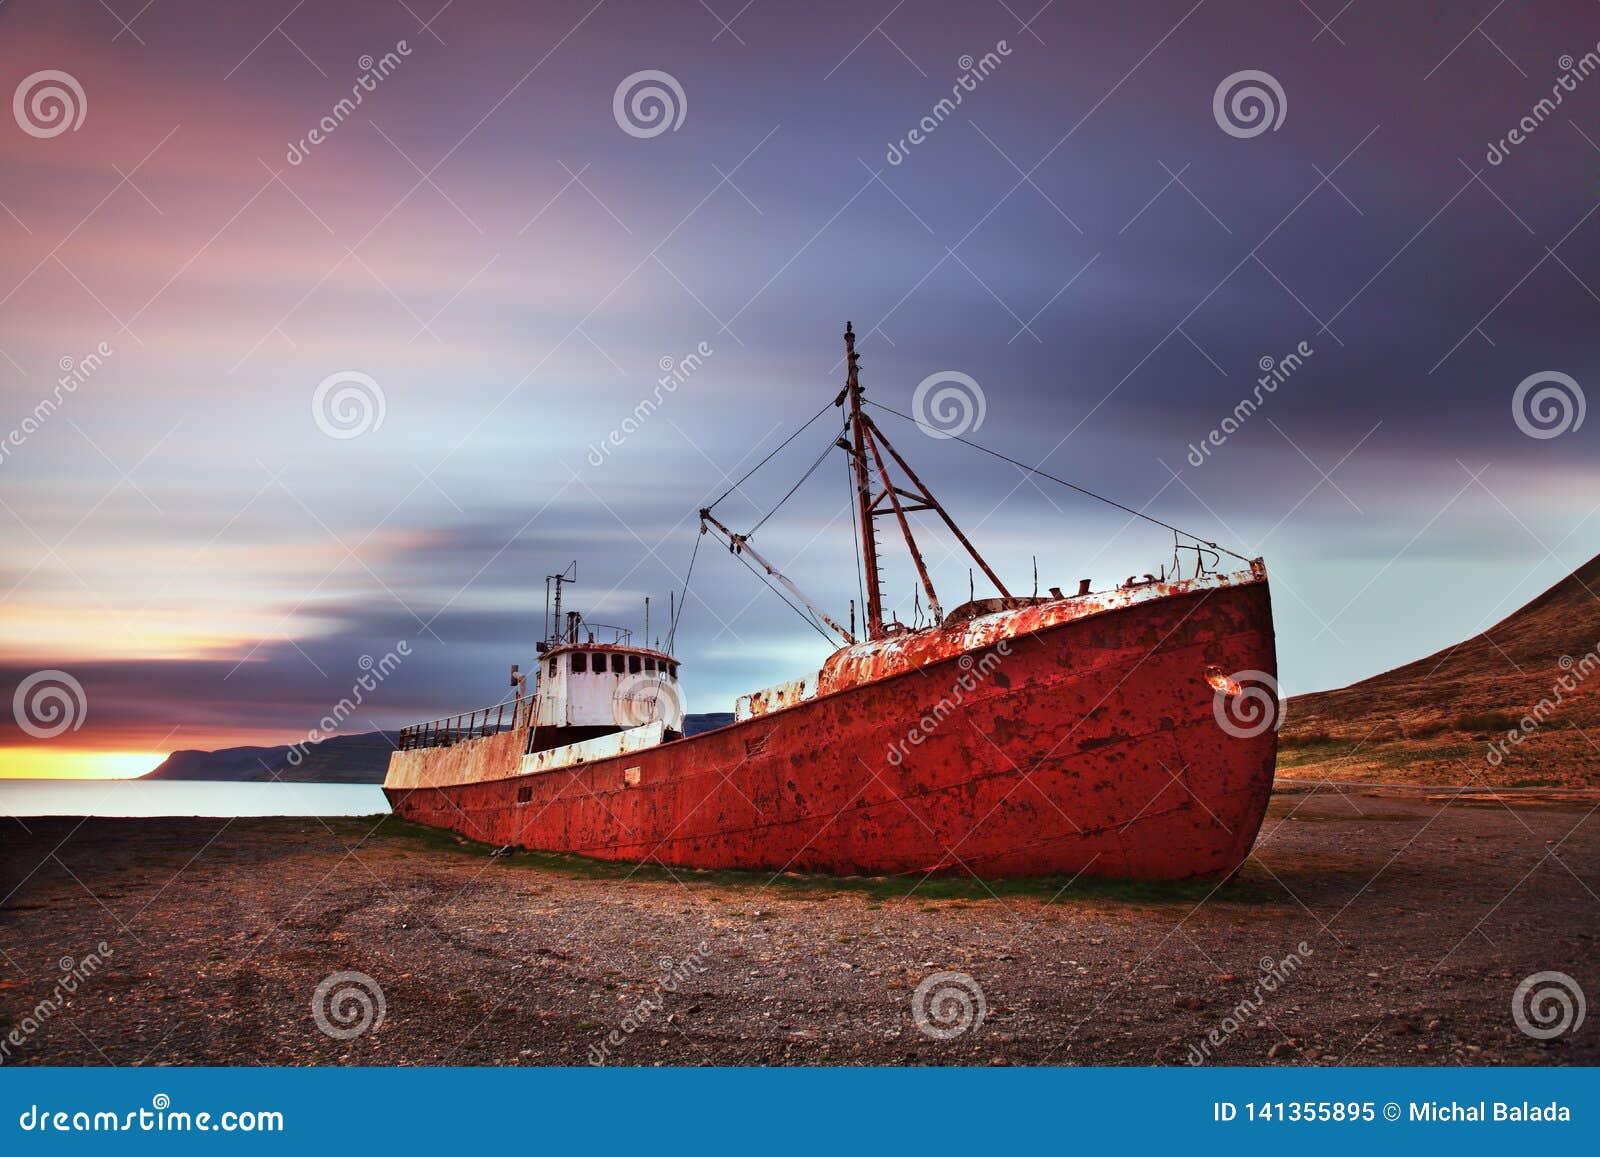 Мирный взгляд Атлантического океана на зоре развалина корабля в Исландии, Европе Сценарное изображение красивого ландшафта природ